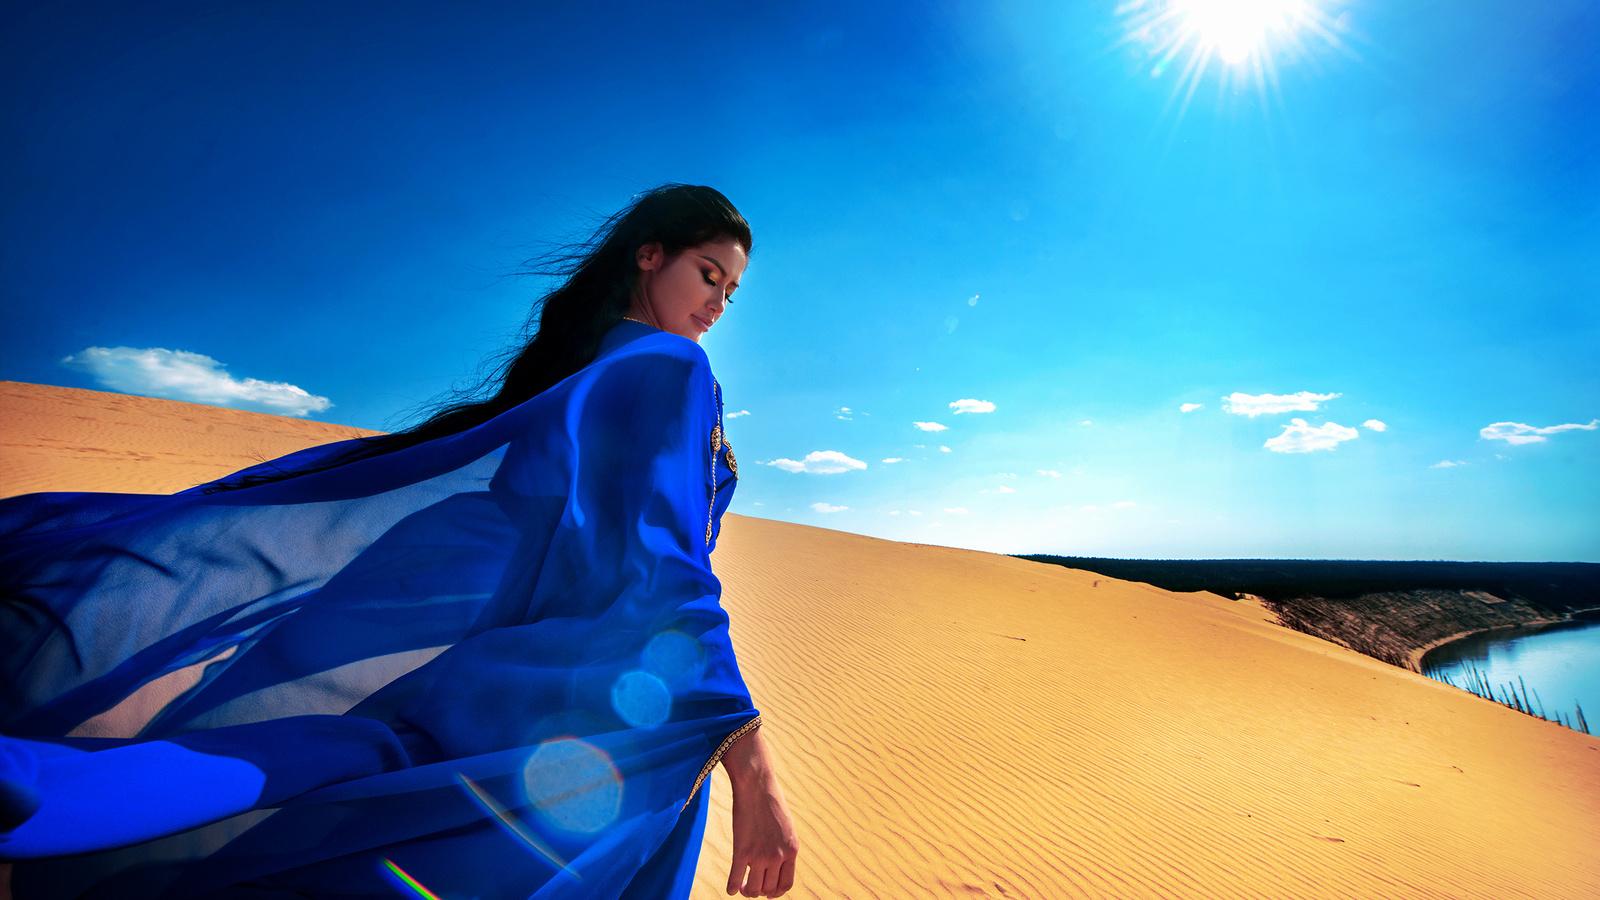 девушка, брюнетка, платье, шлейф, пески, солнце, лучи